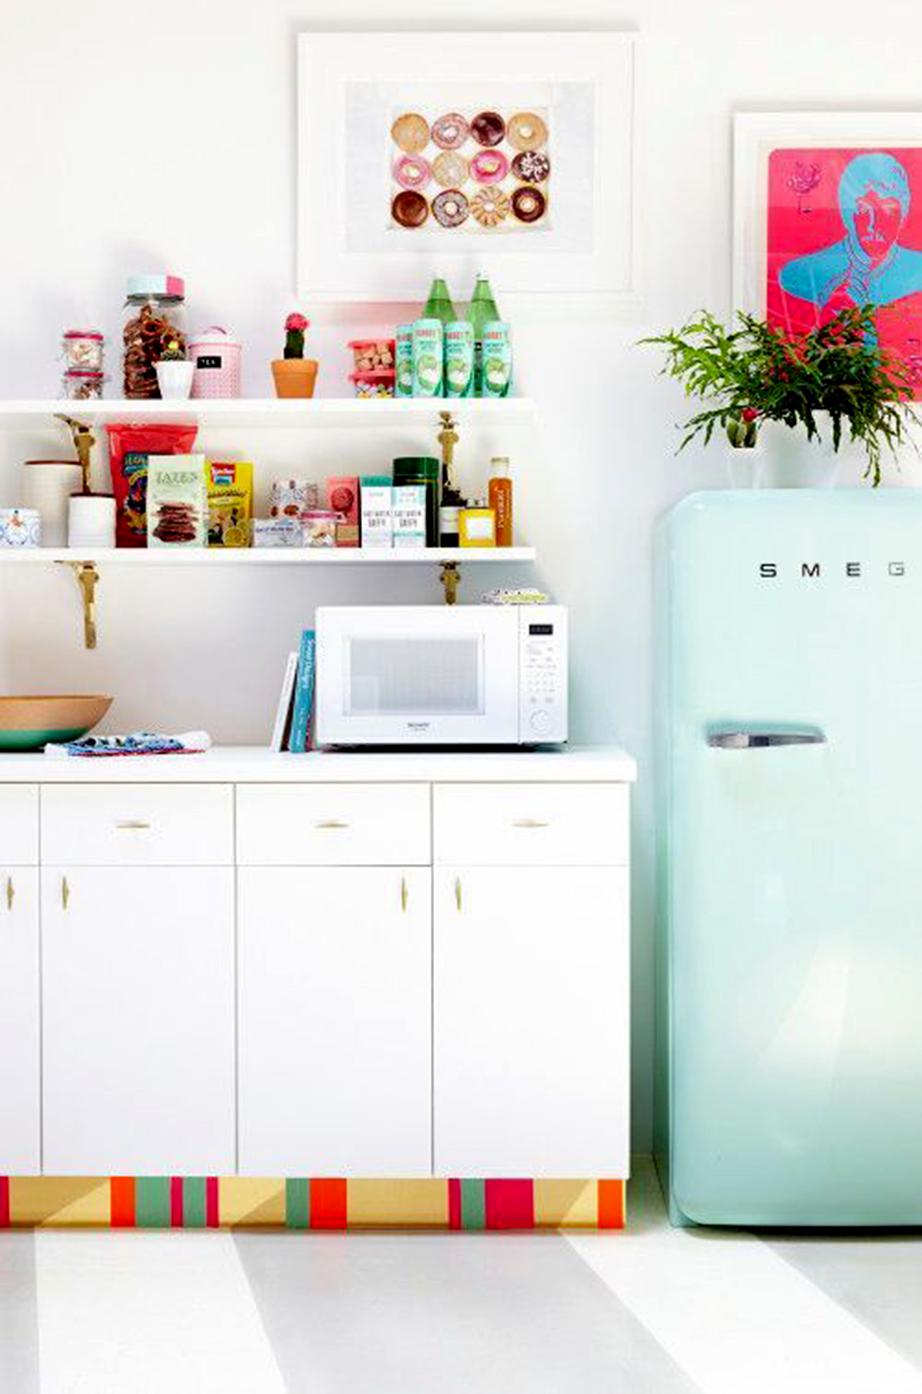 Κολλήστε τμηματικά στα φύλλα των ντουλαπιών της κουζίνας ή στην μπάζα της ντουλάπας χρωματιστές διακοσμητικές ταινίες ή αυτοκόλλητες ταπετσαρίες.